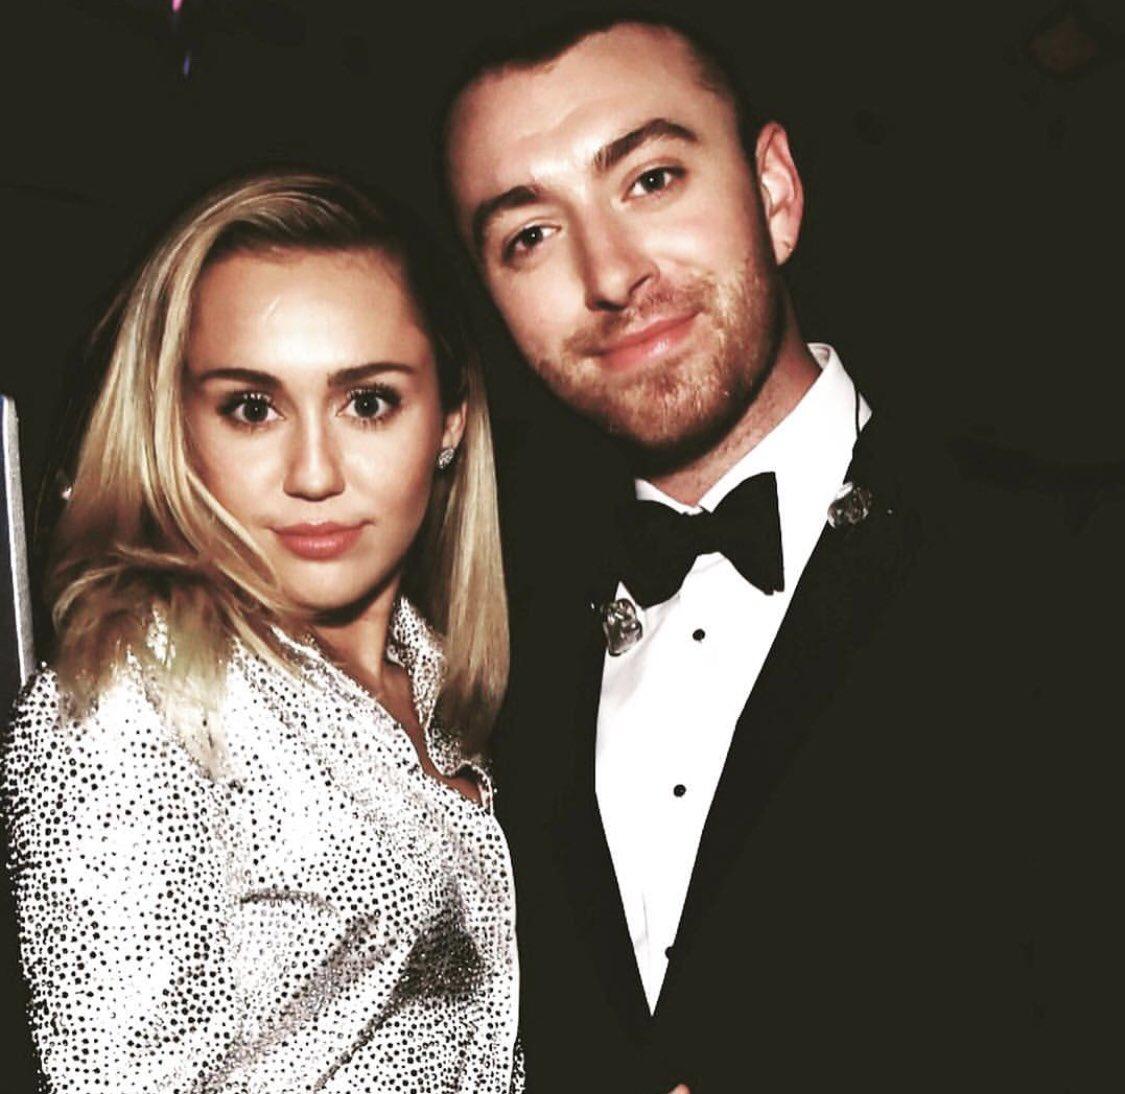 Miley Ray Cyrus top tweets